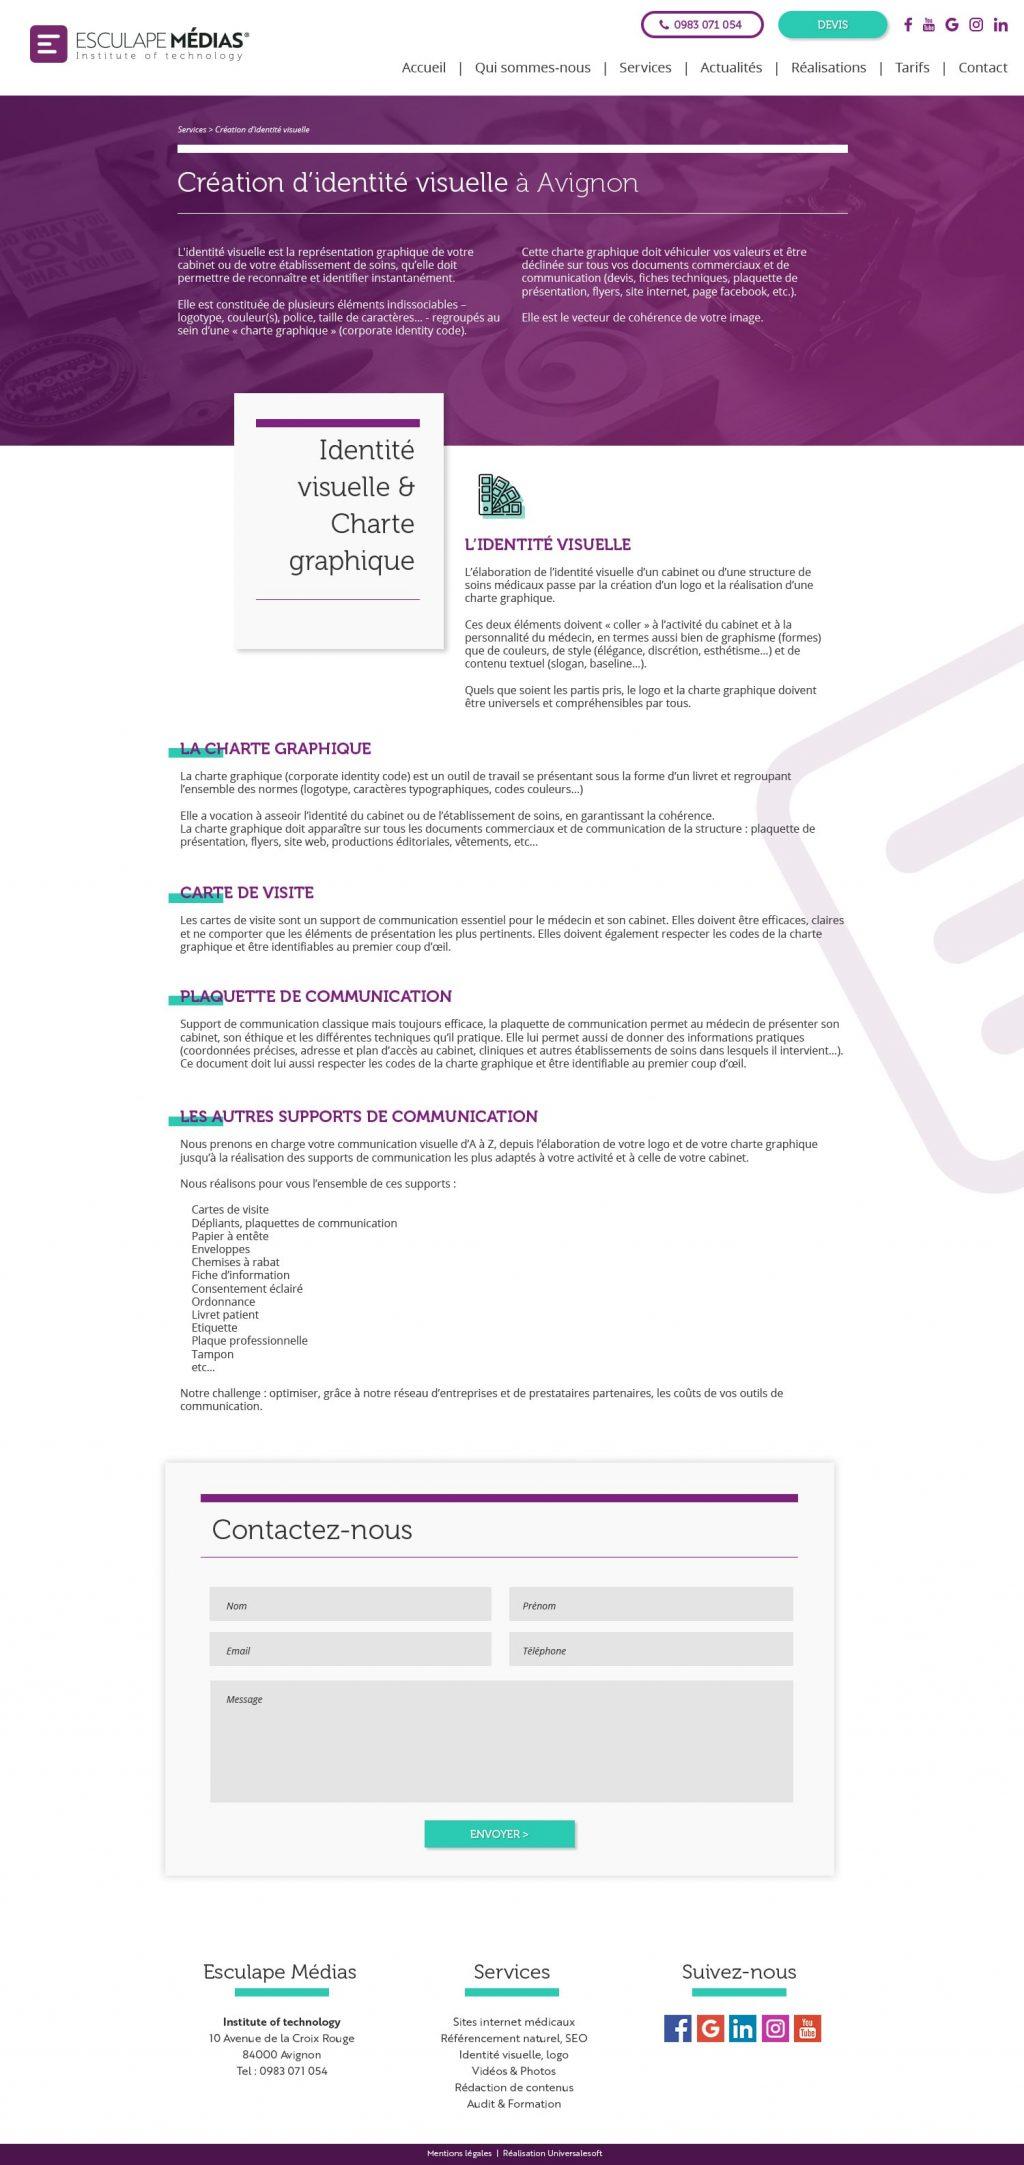 emit services